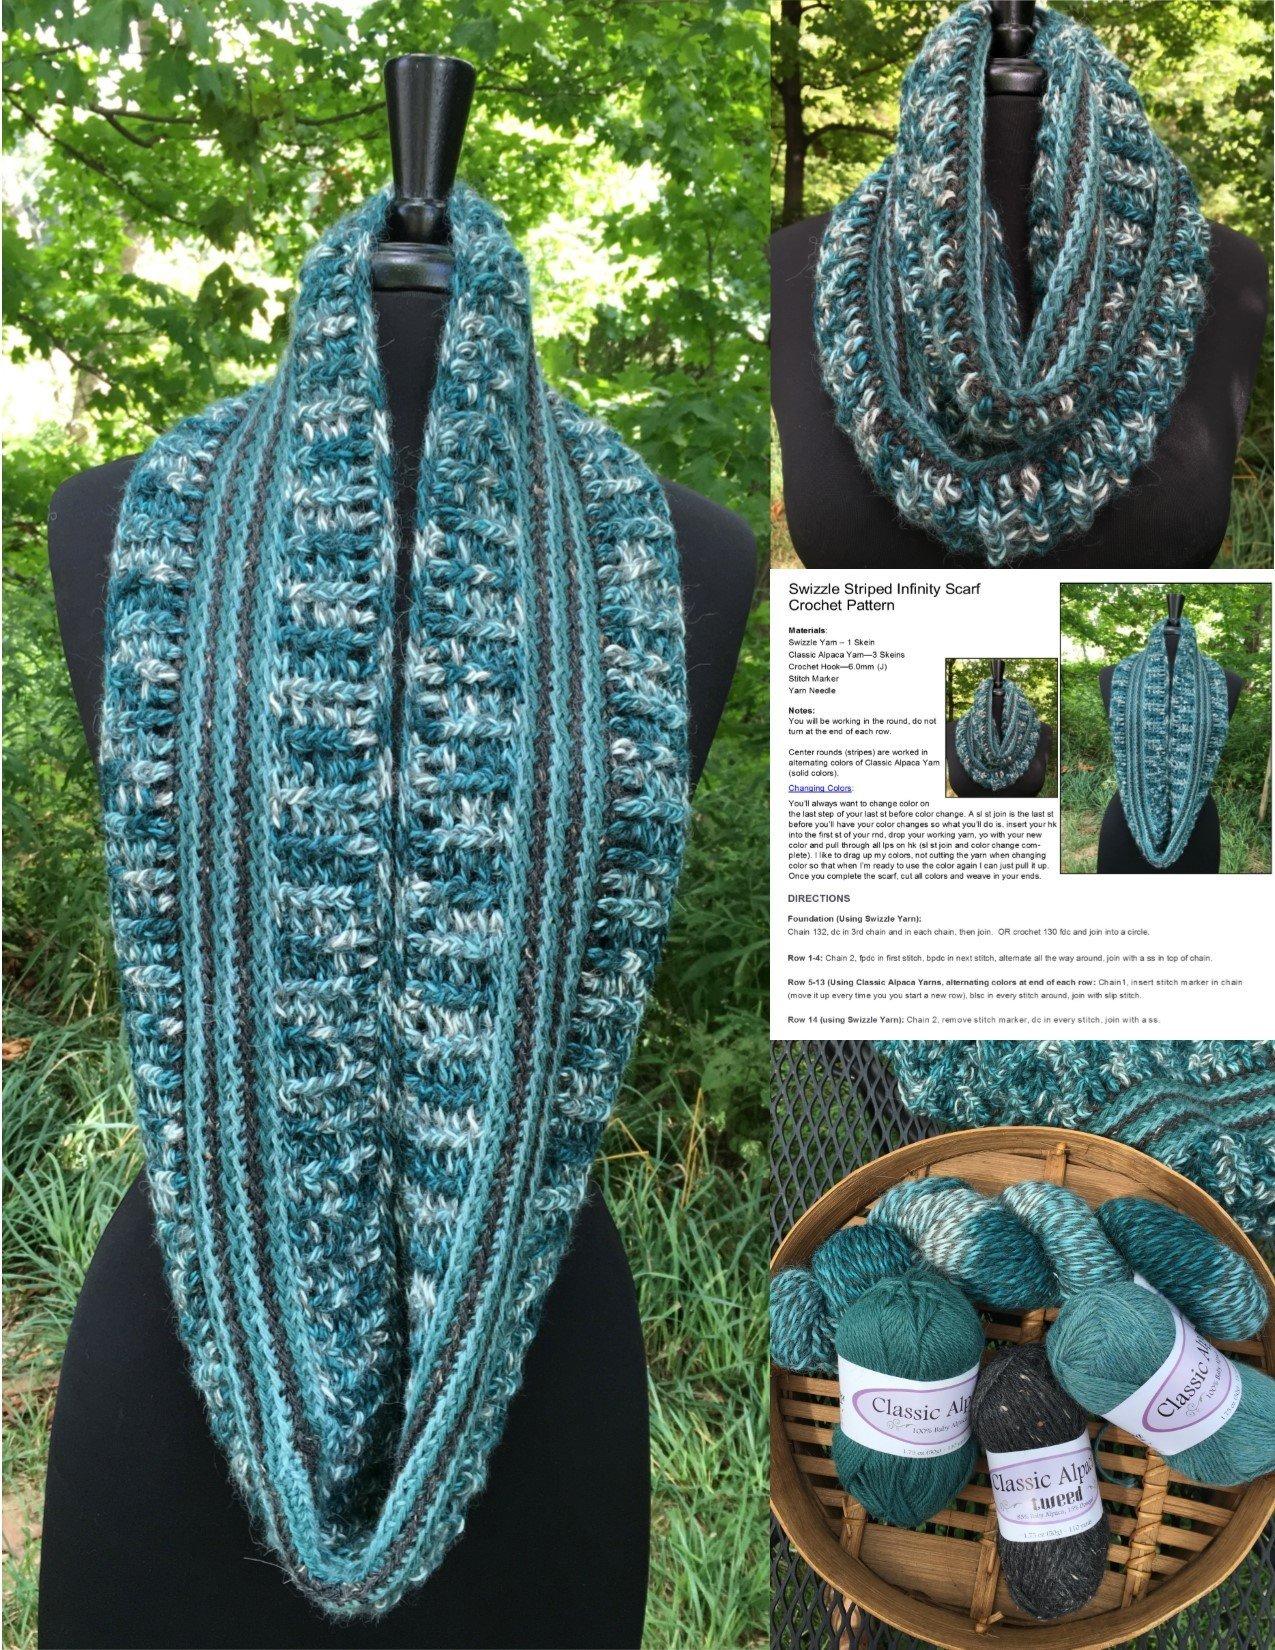 Alpaca Crochet Kit - Swizzle Striped Infinity Scarf 18181-TotTeal